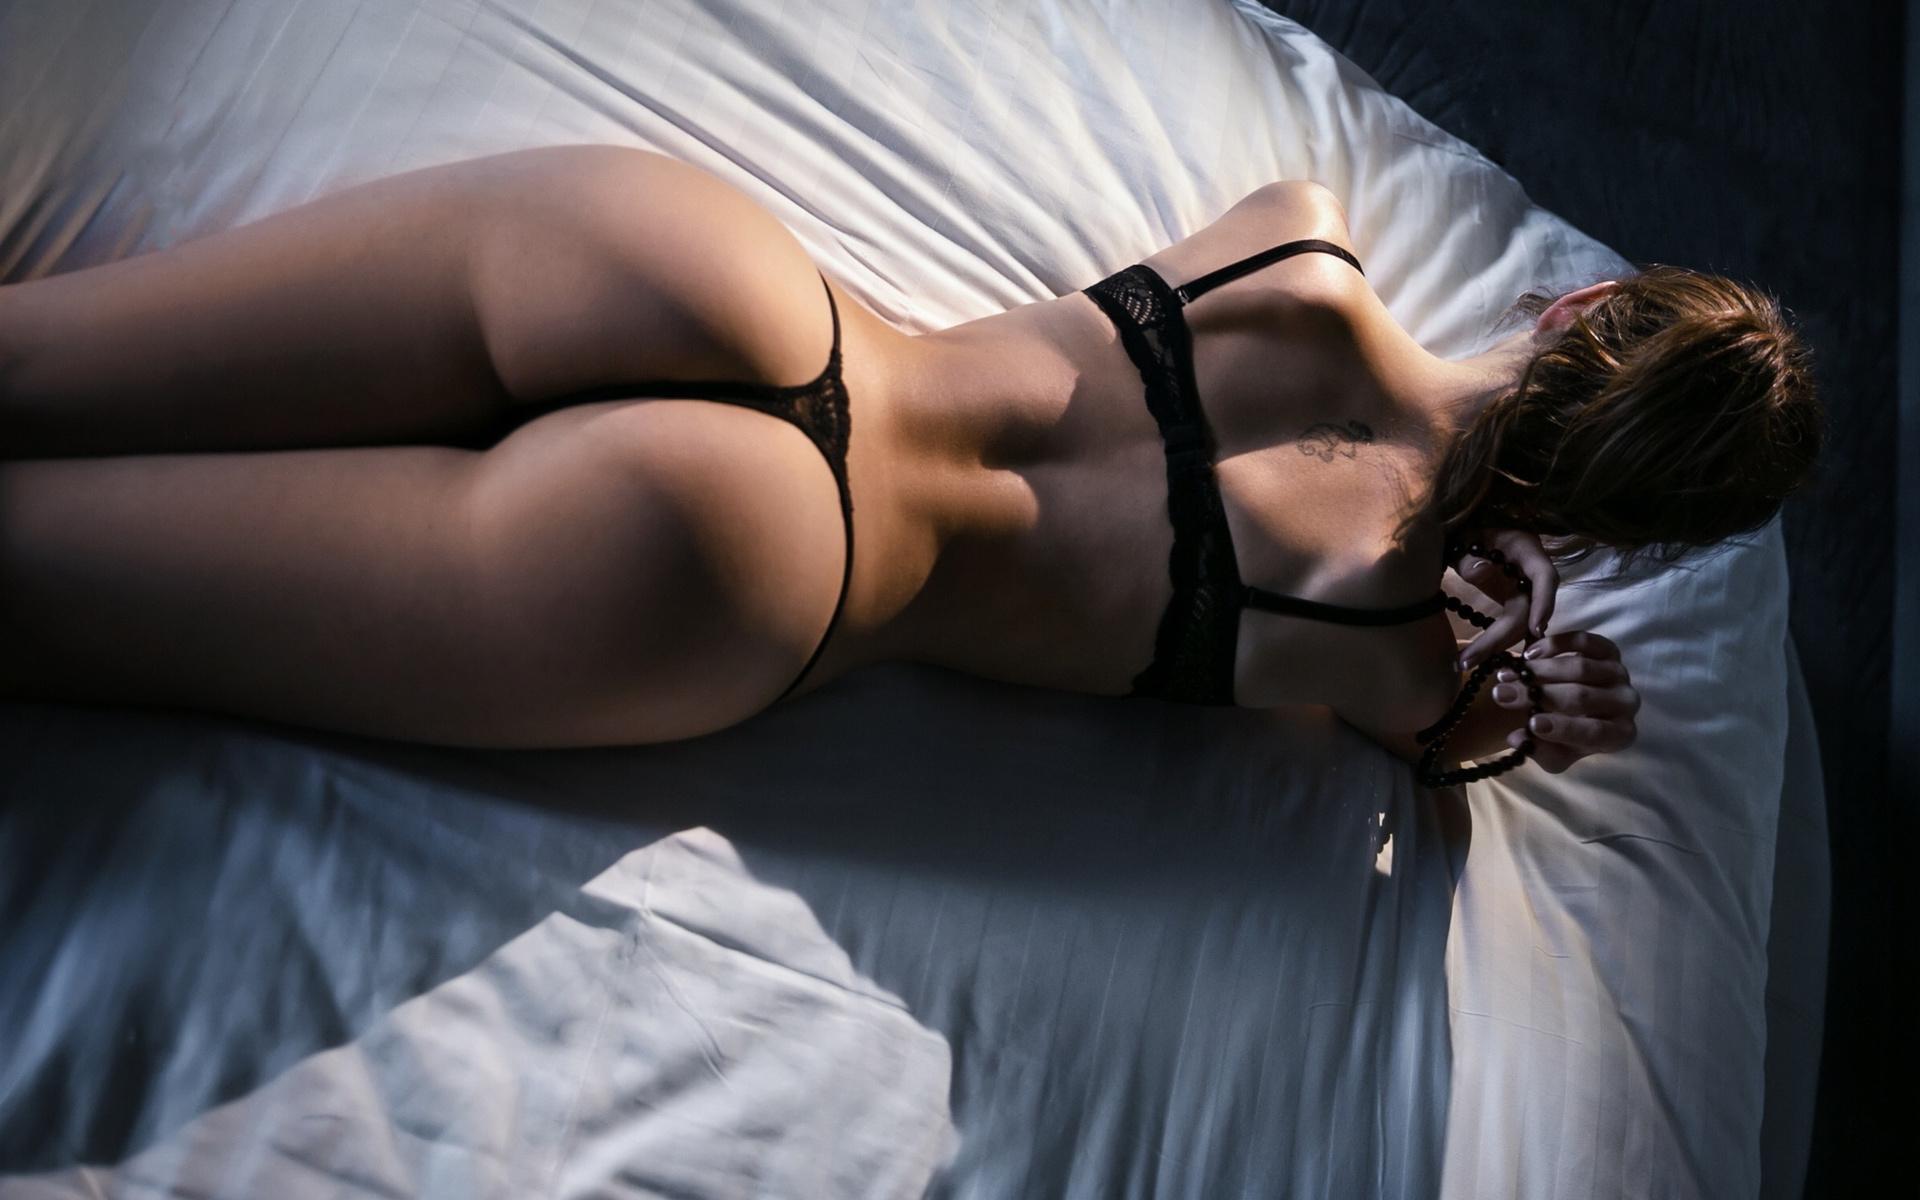 частная эротика девушки позируют попкой в нижнем белье него действительно